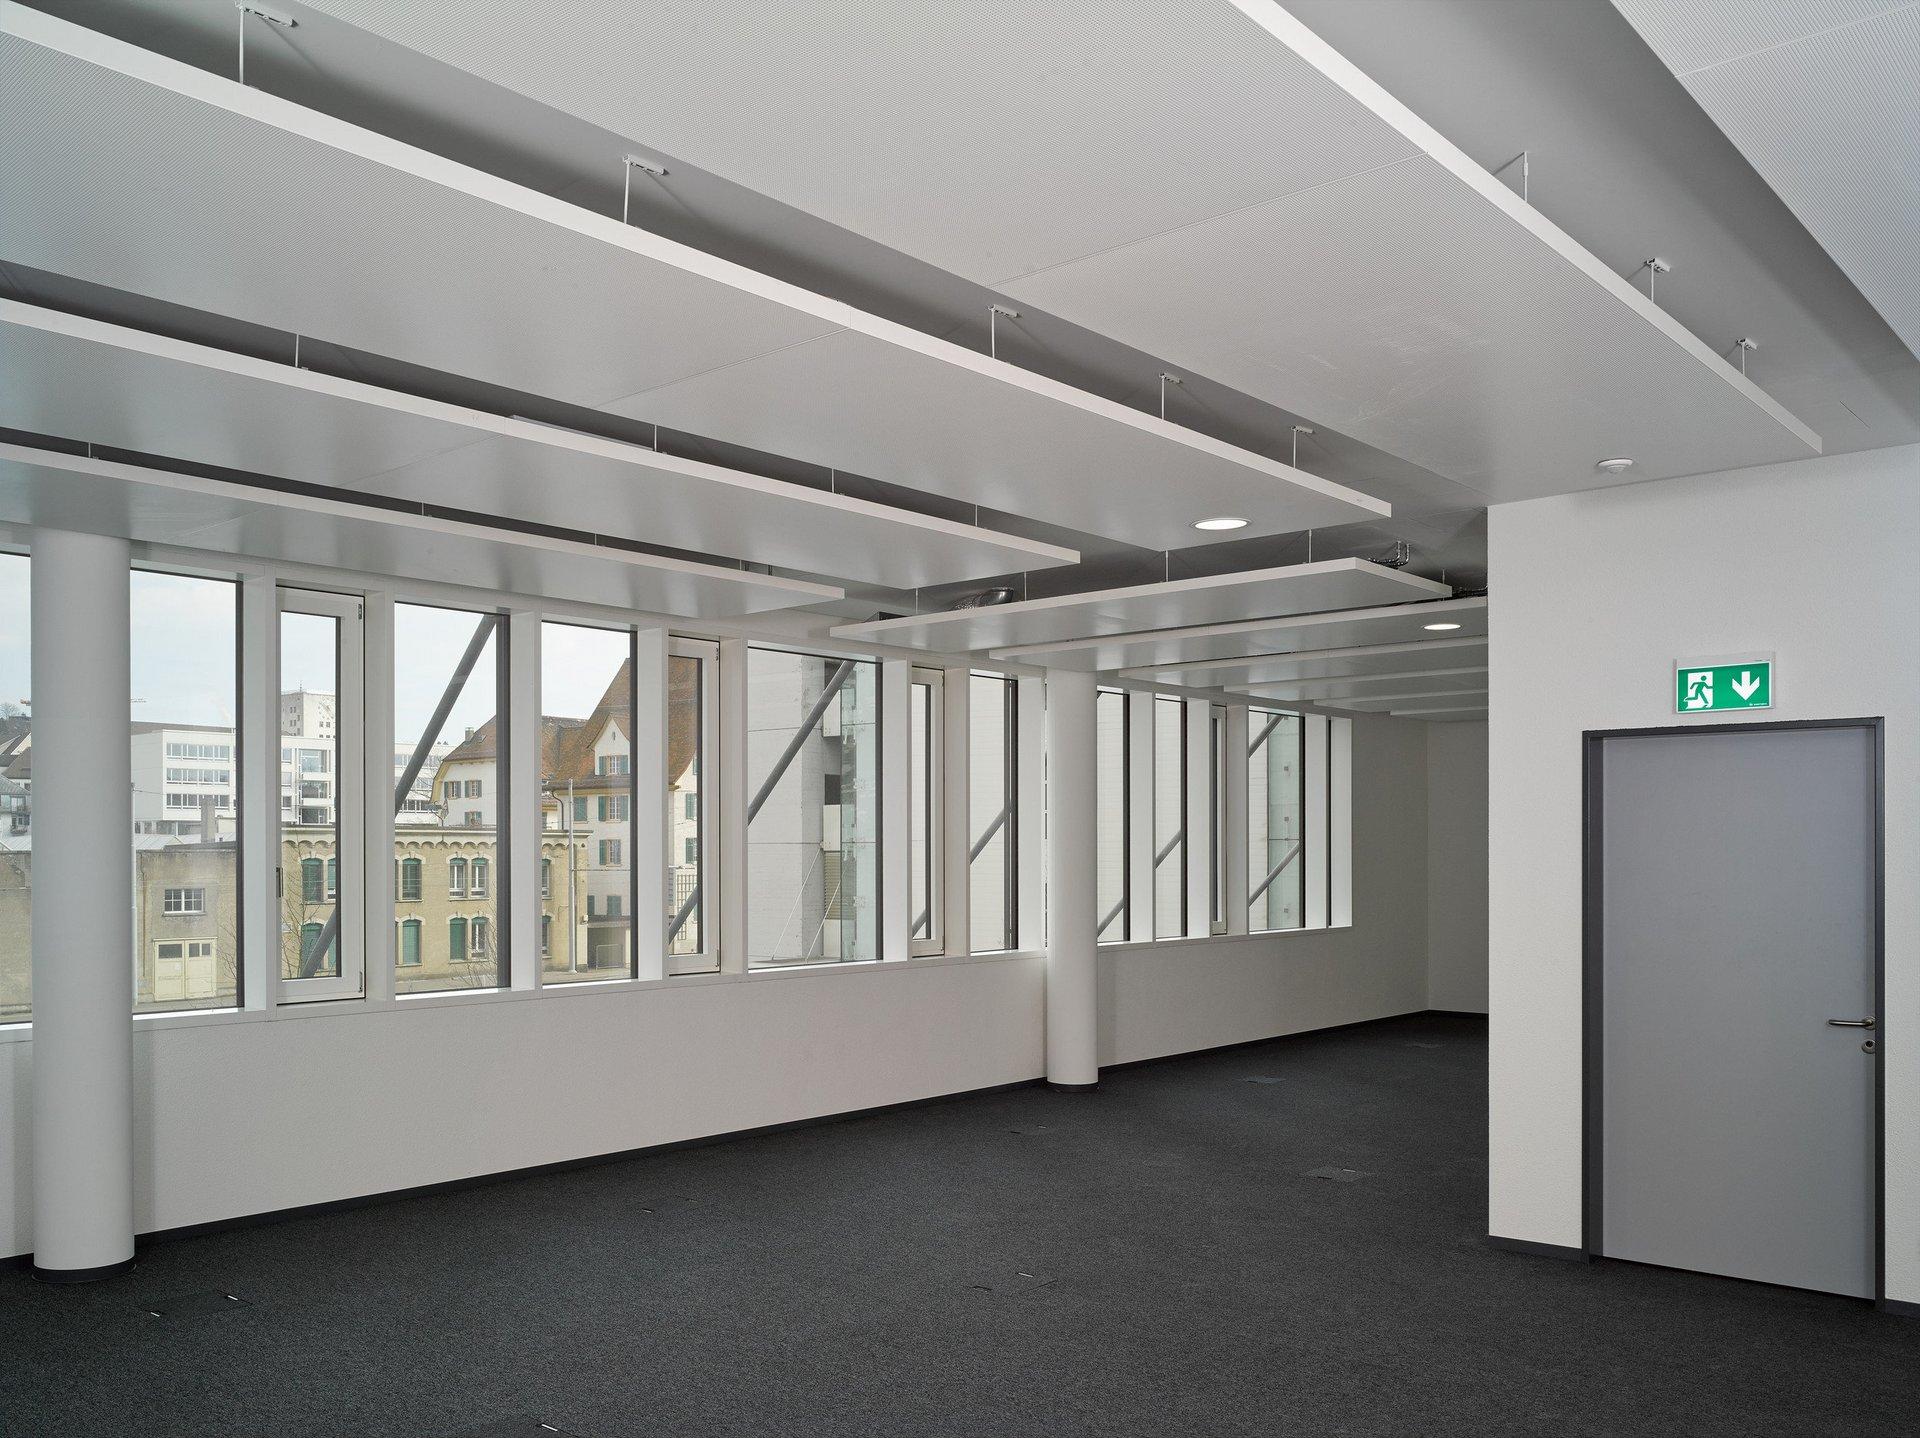 Unmöblierter Raum mit direkt aneinander liegenden Fensterelementen